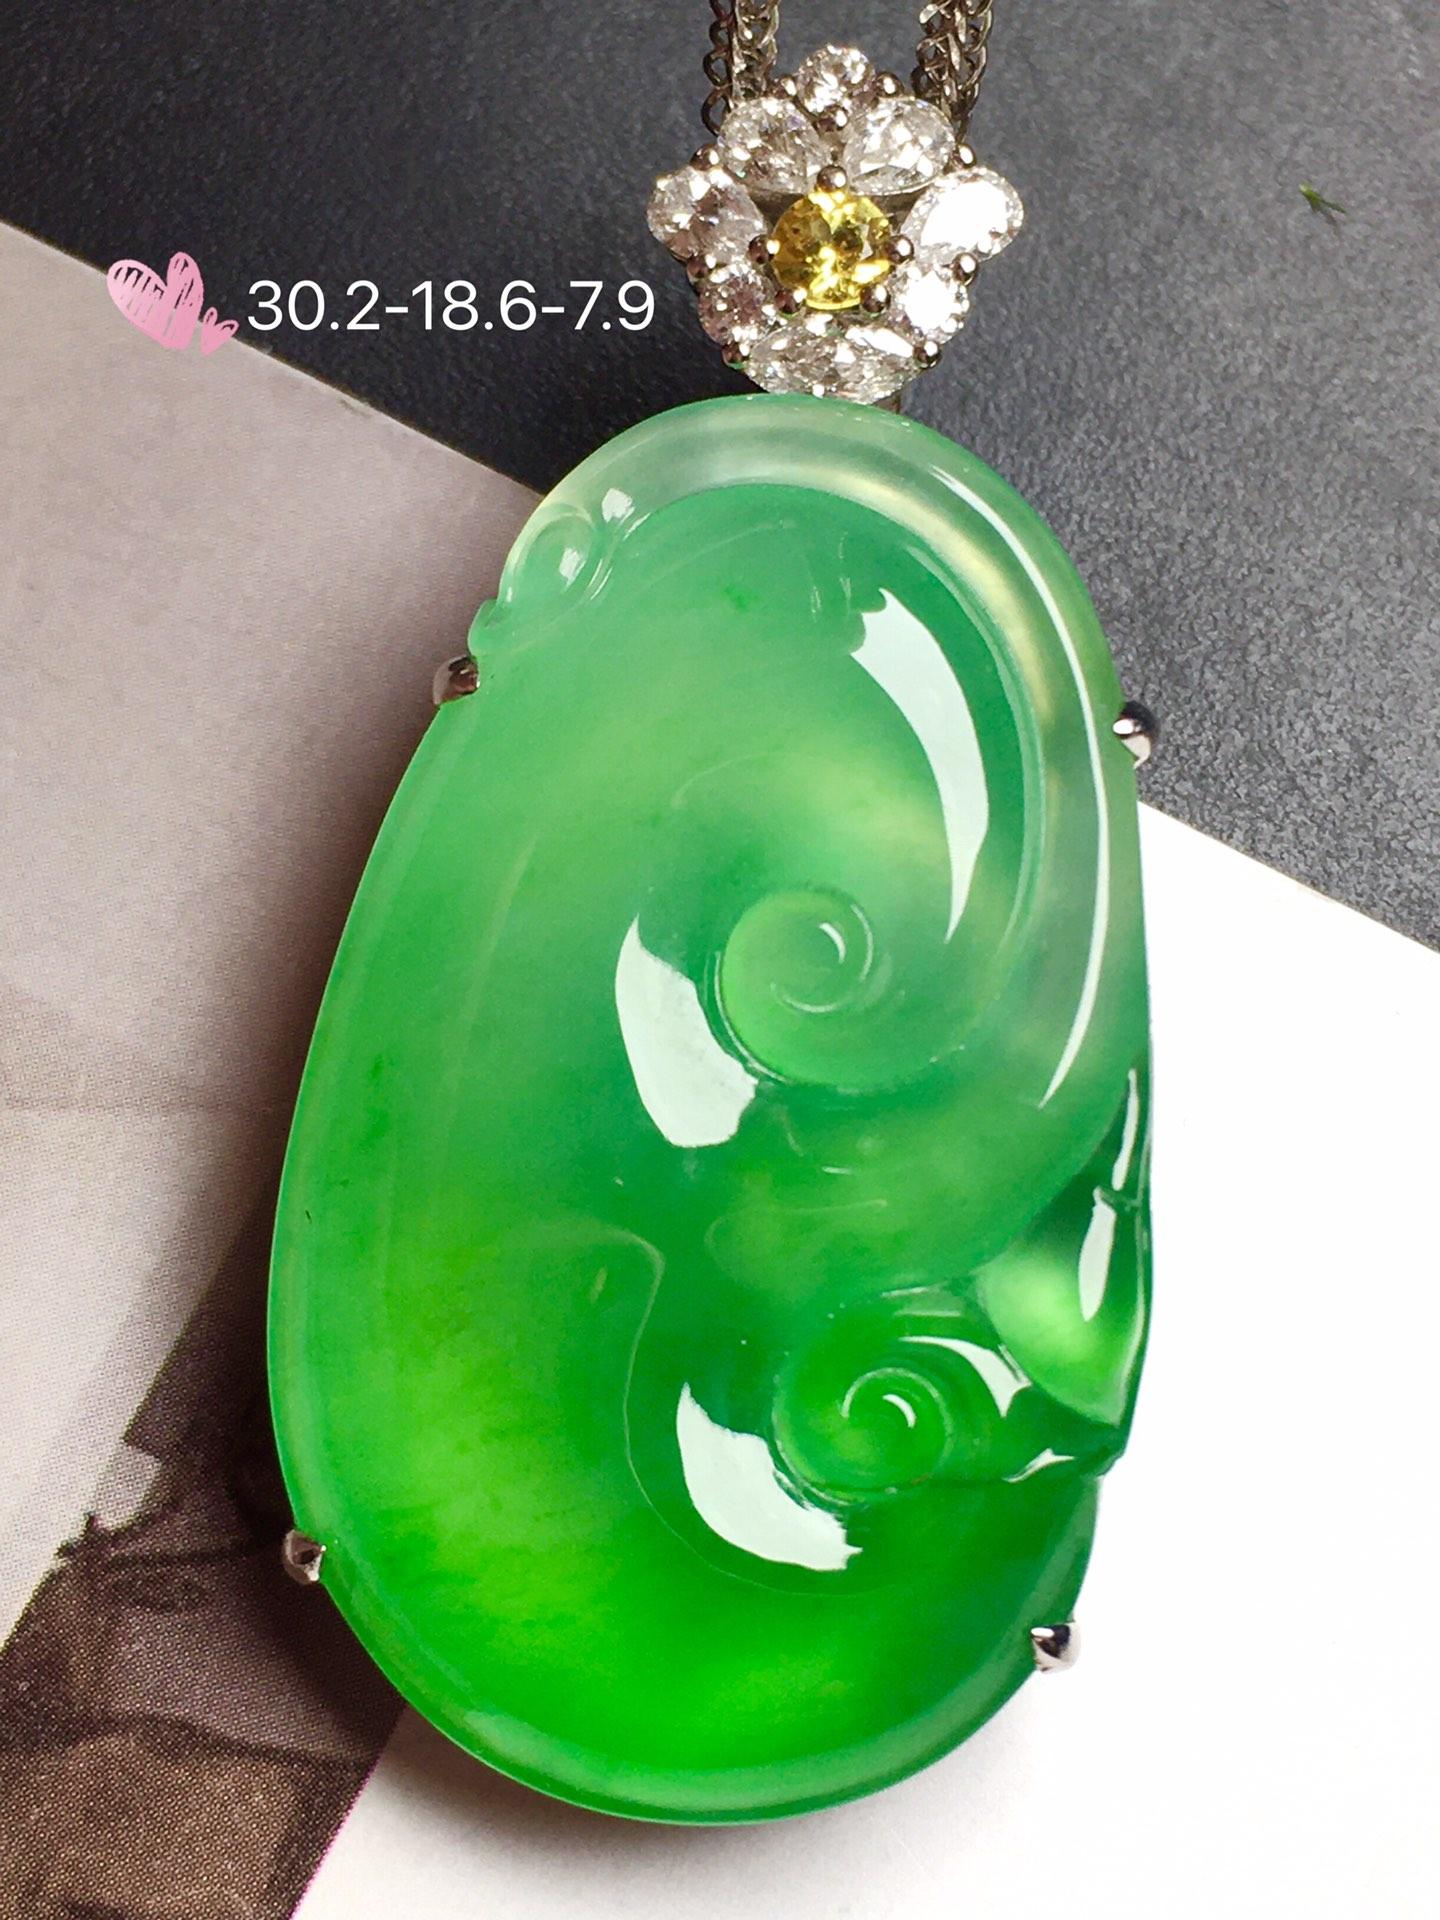 种和色美极了❤【如意,冰正阳绿】通透,水润,完美,18k金华奢钻镶石嵌☕